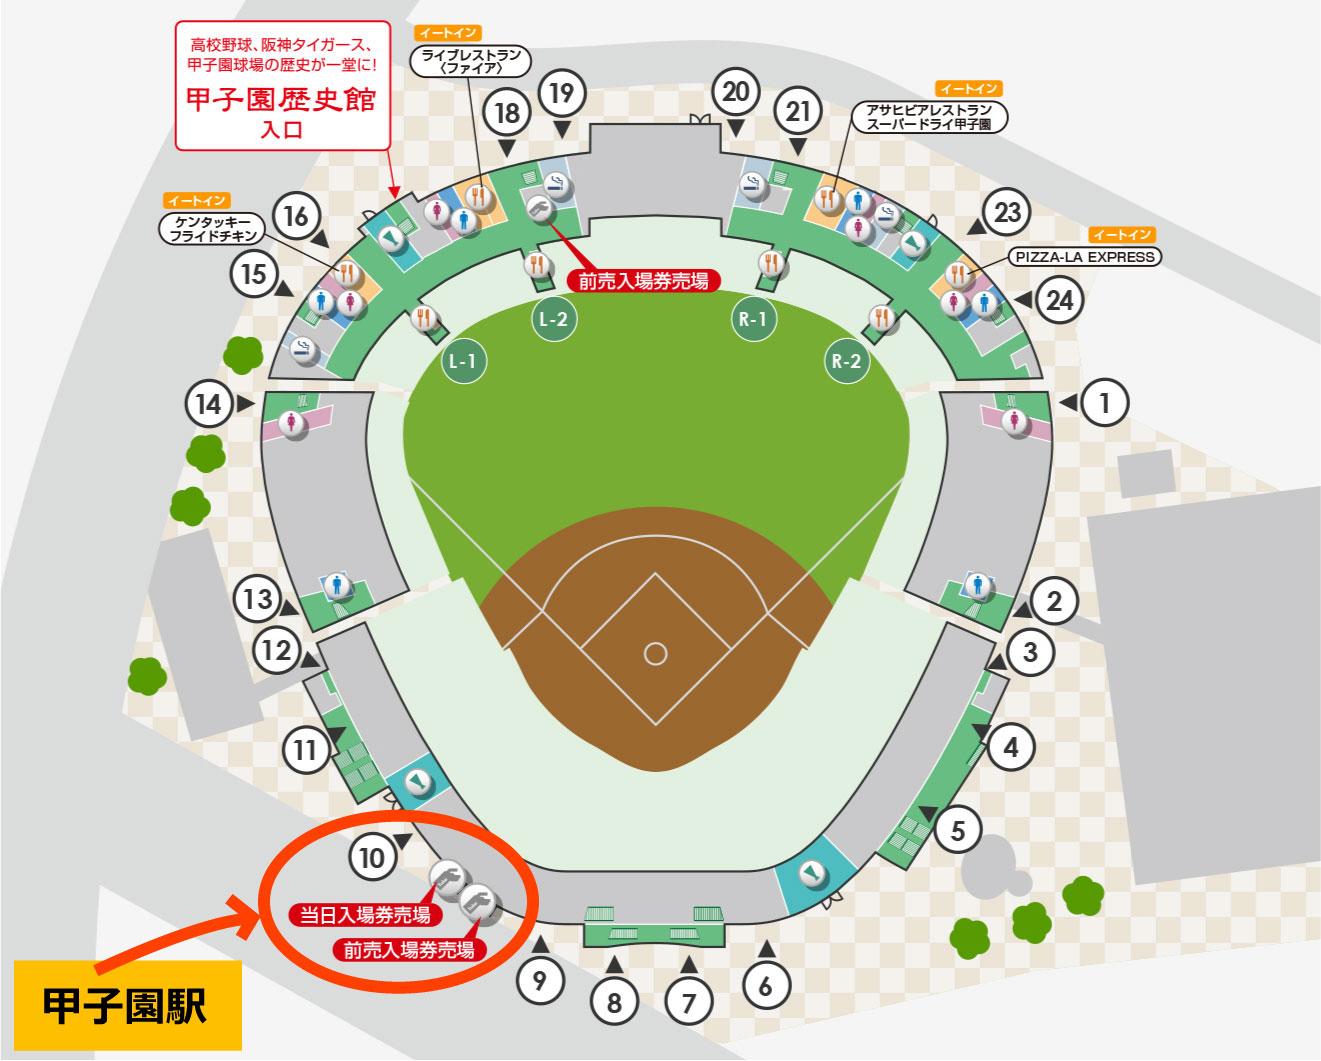 101回夏の高校野球2019当日券発売窓口マップ